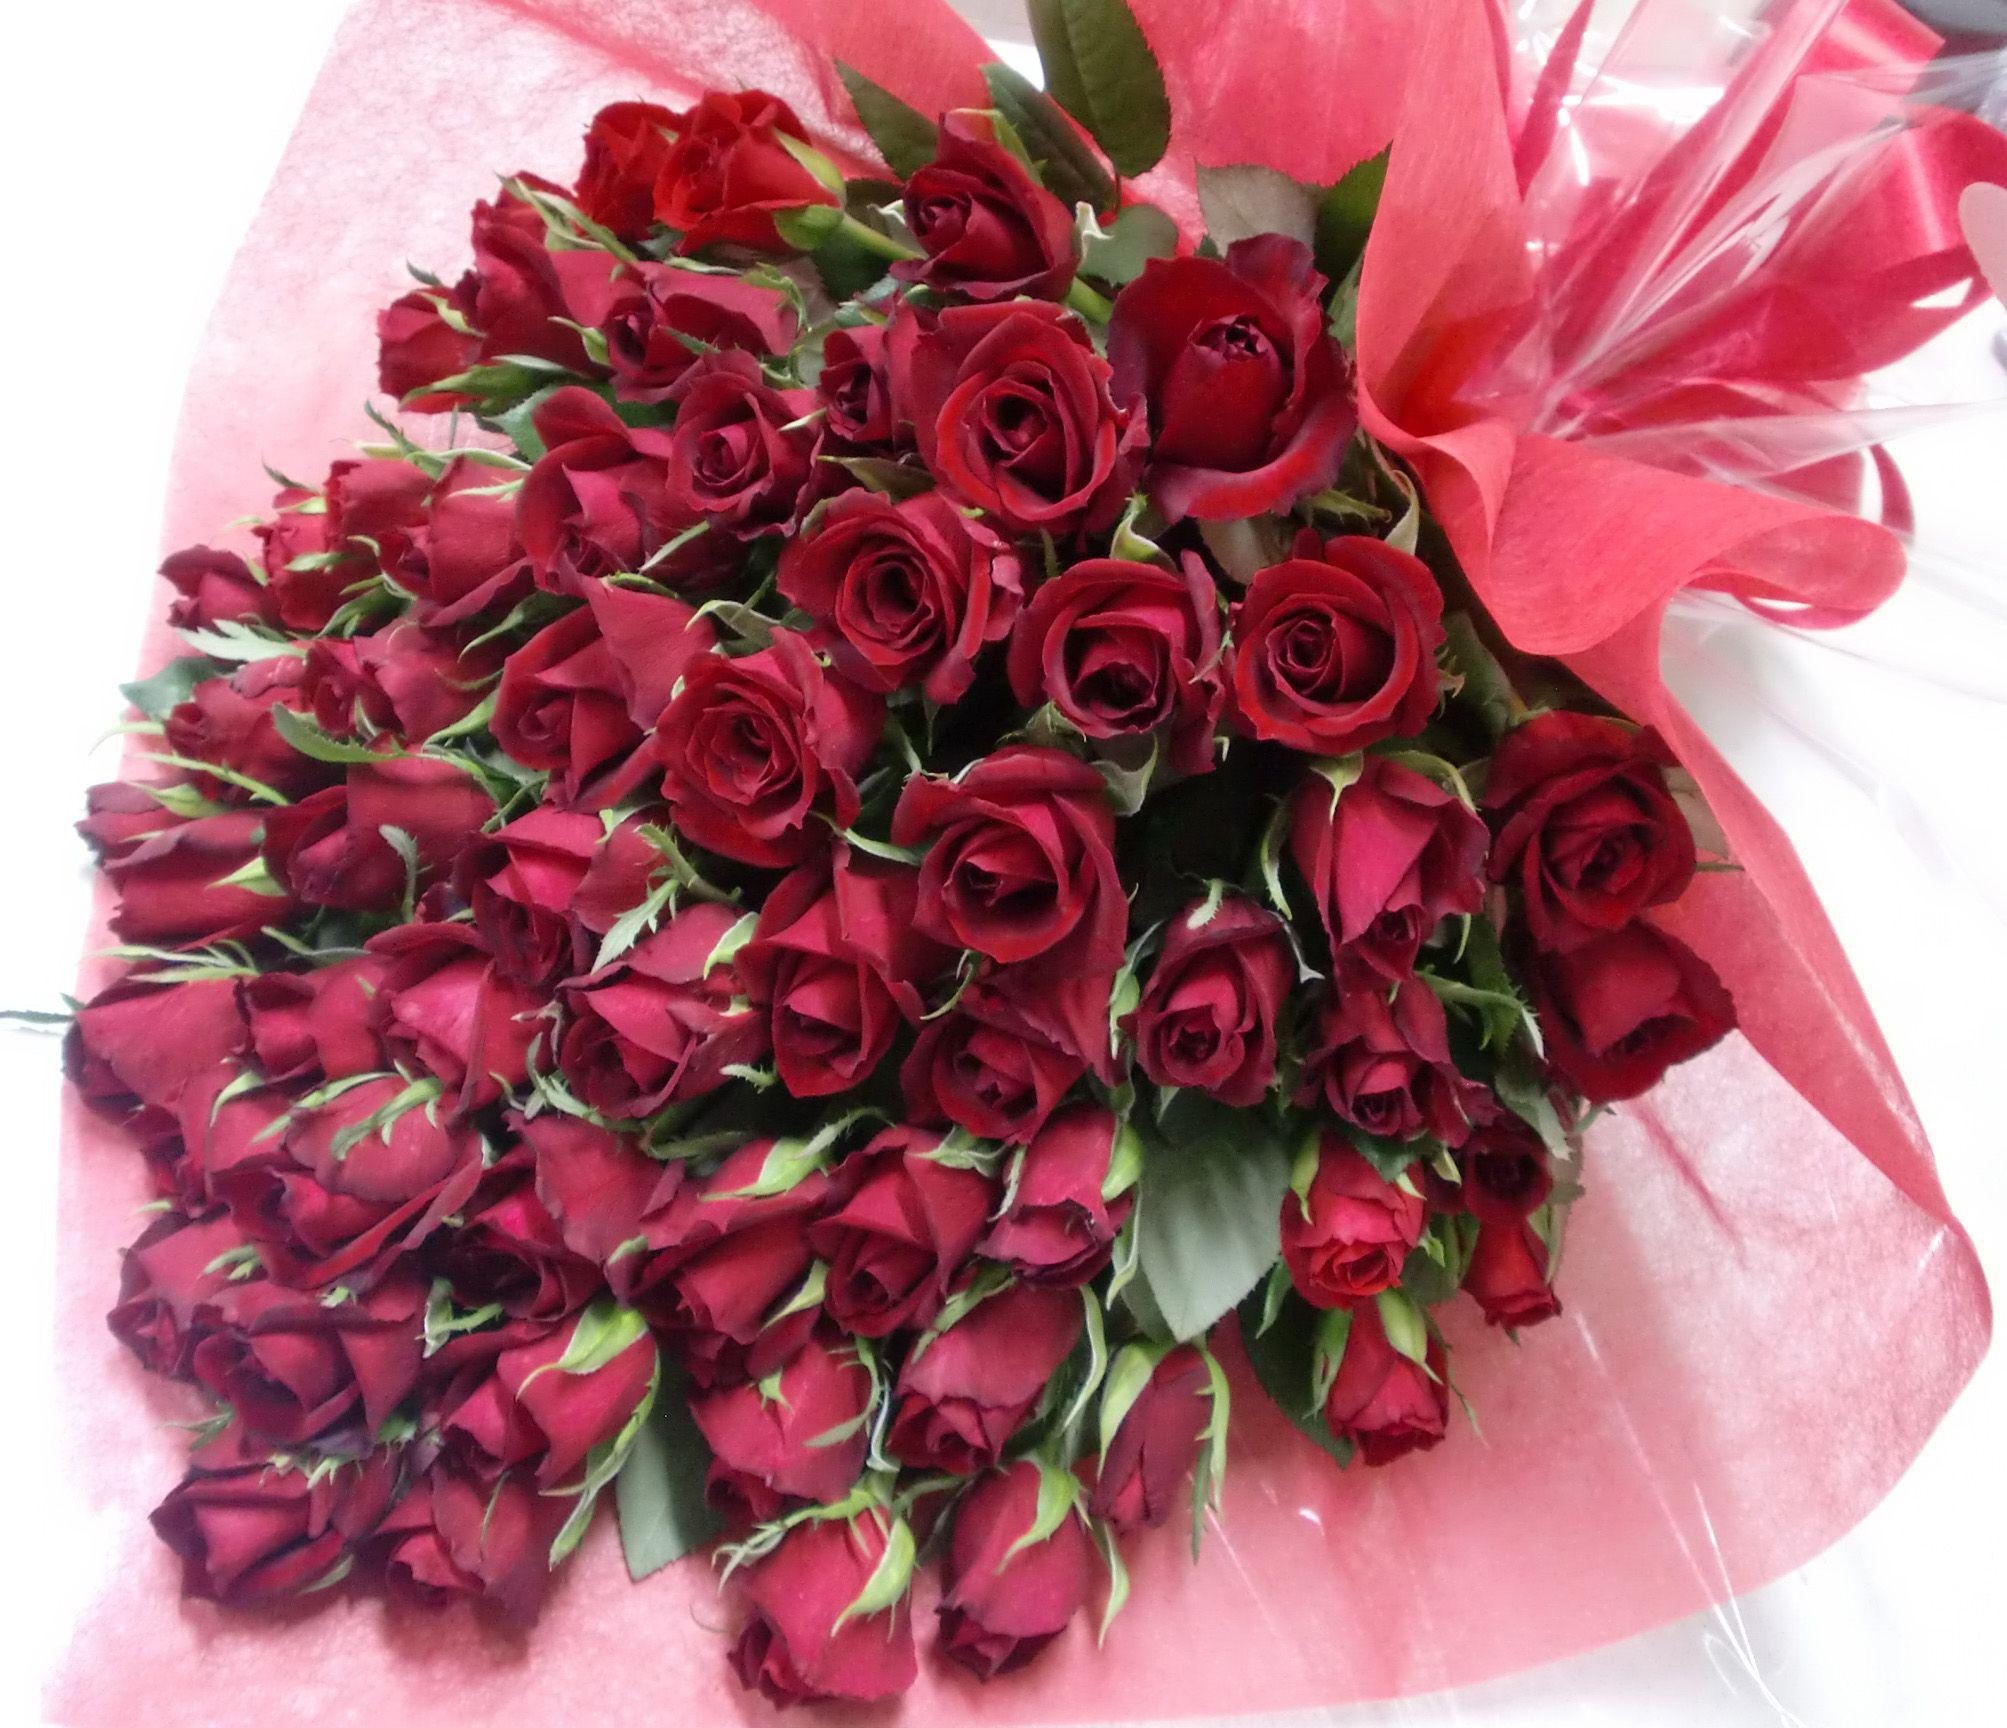 университетской красивые картинки букетов цветов на день рождения машина бозори